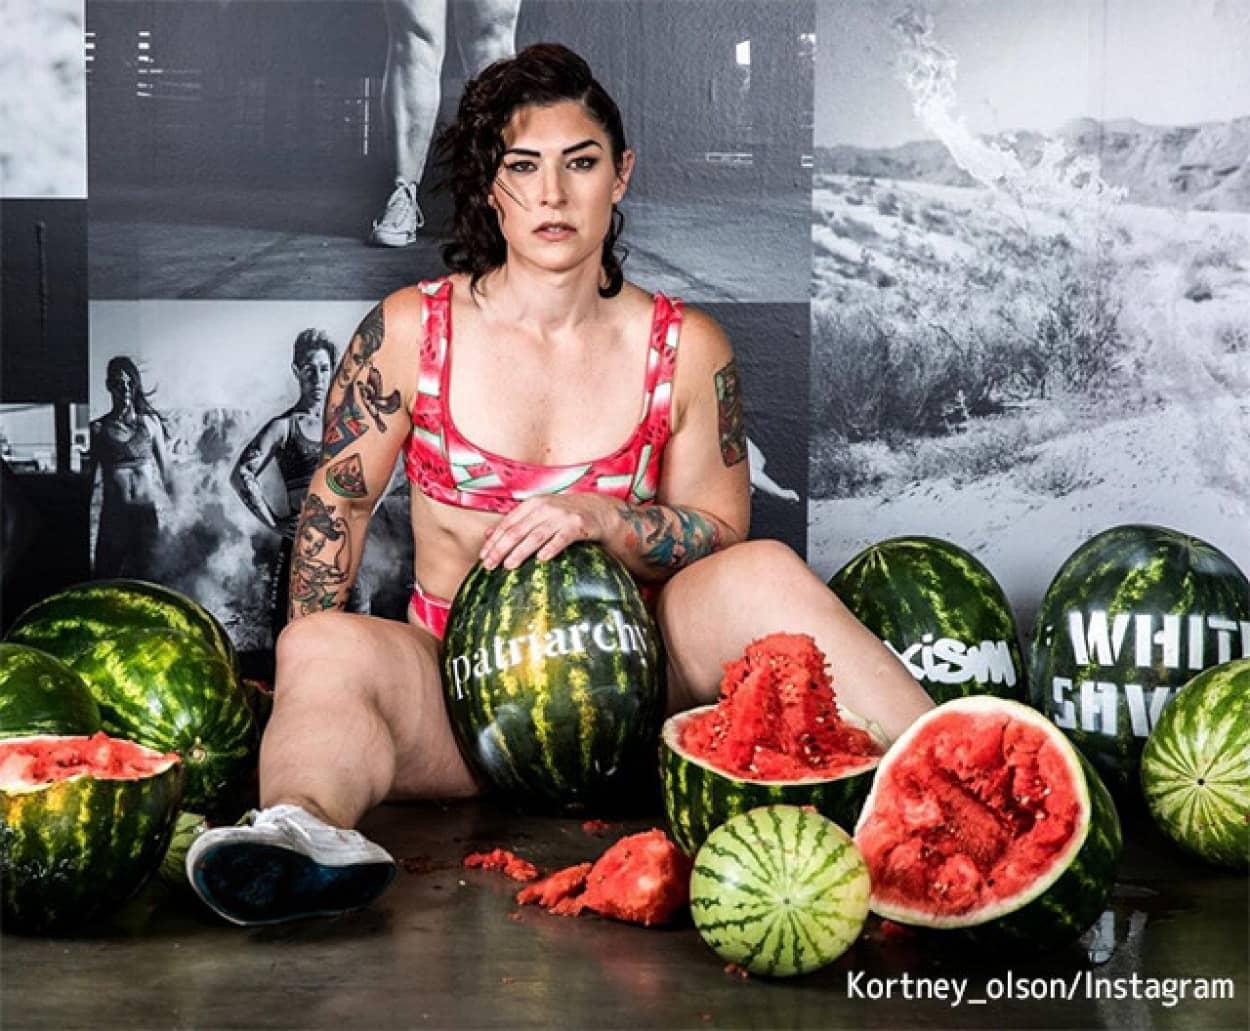 スイカの股割りで世界記録を出した女性ボディビルダー